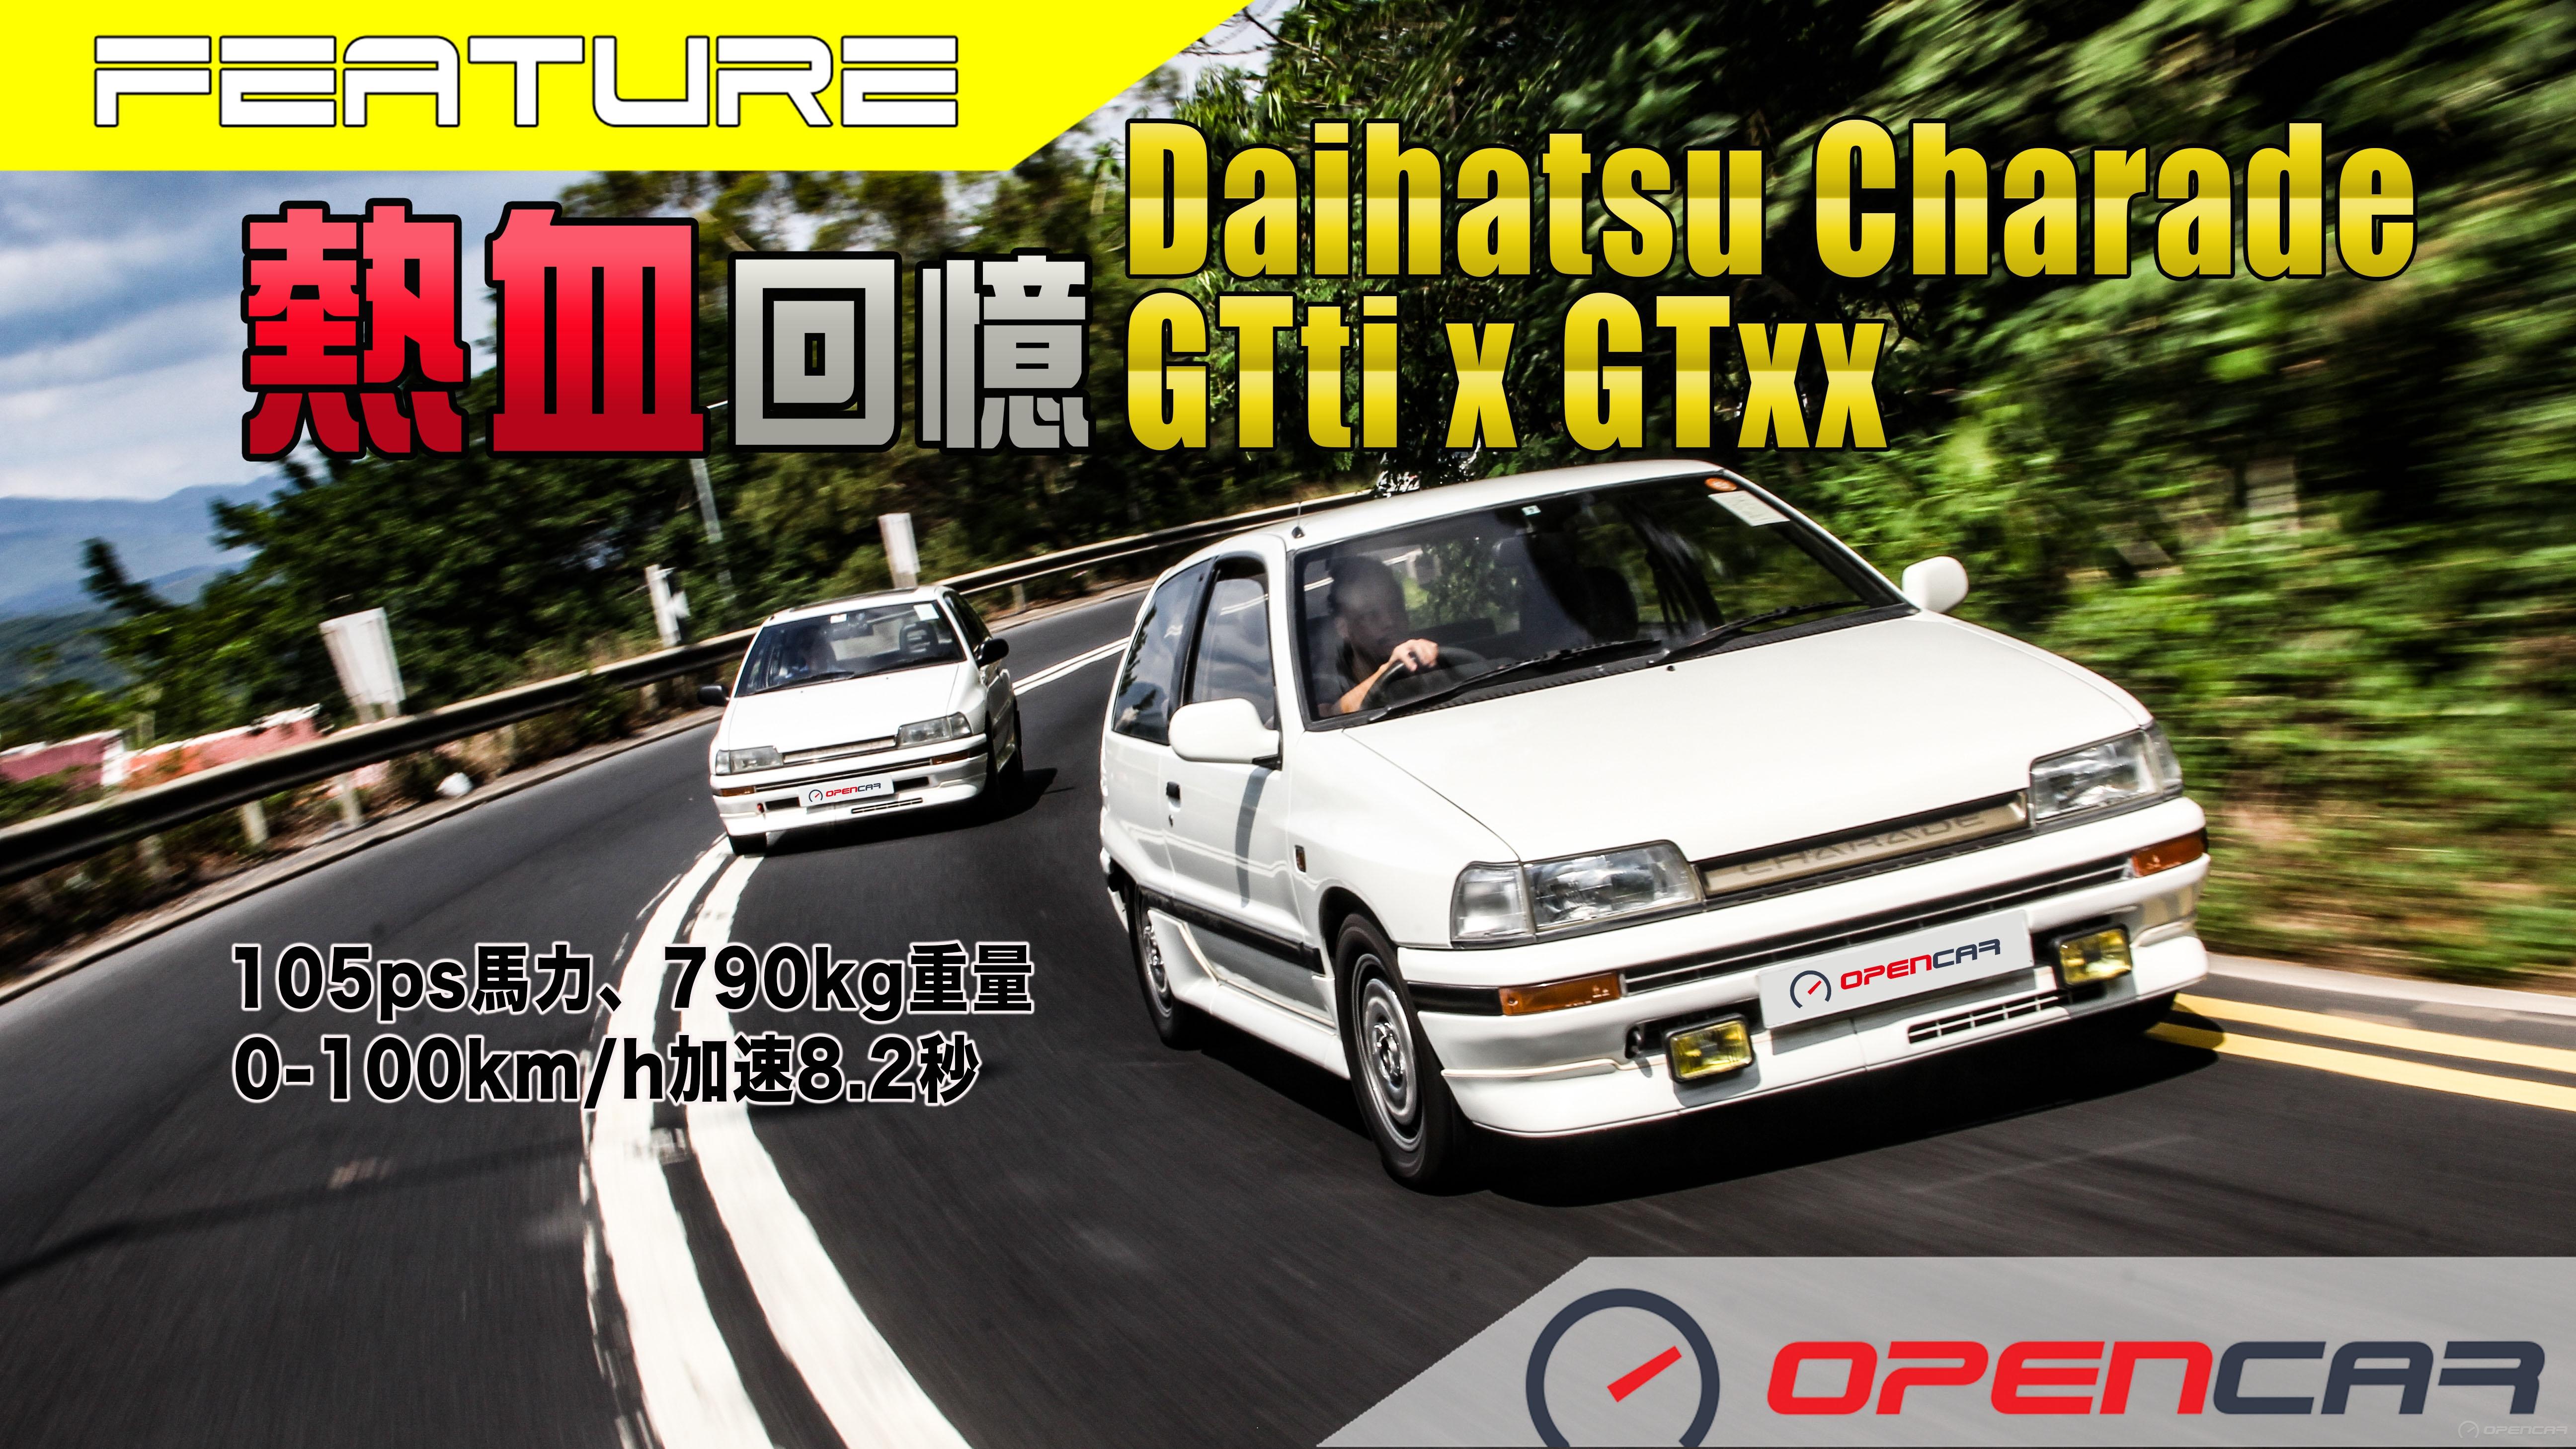 熱血回憶-Daihatsu Charade GTti x GTxx